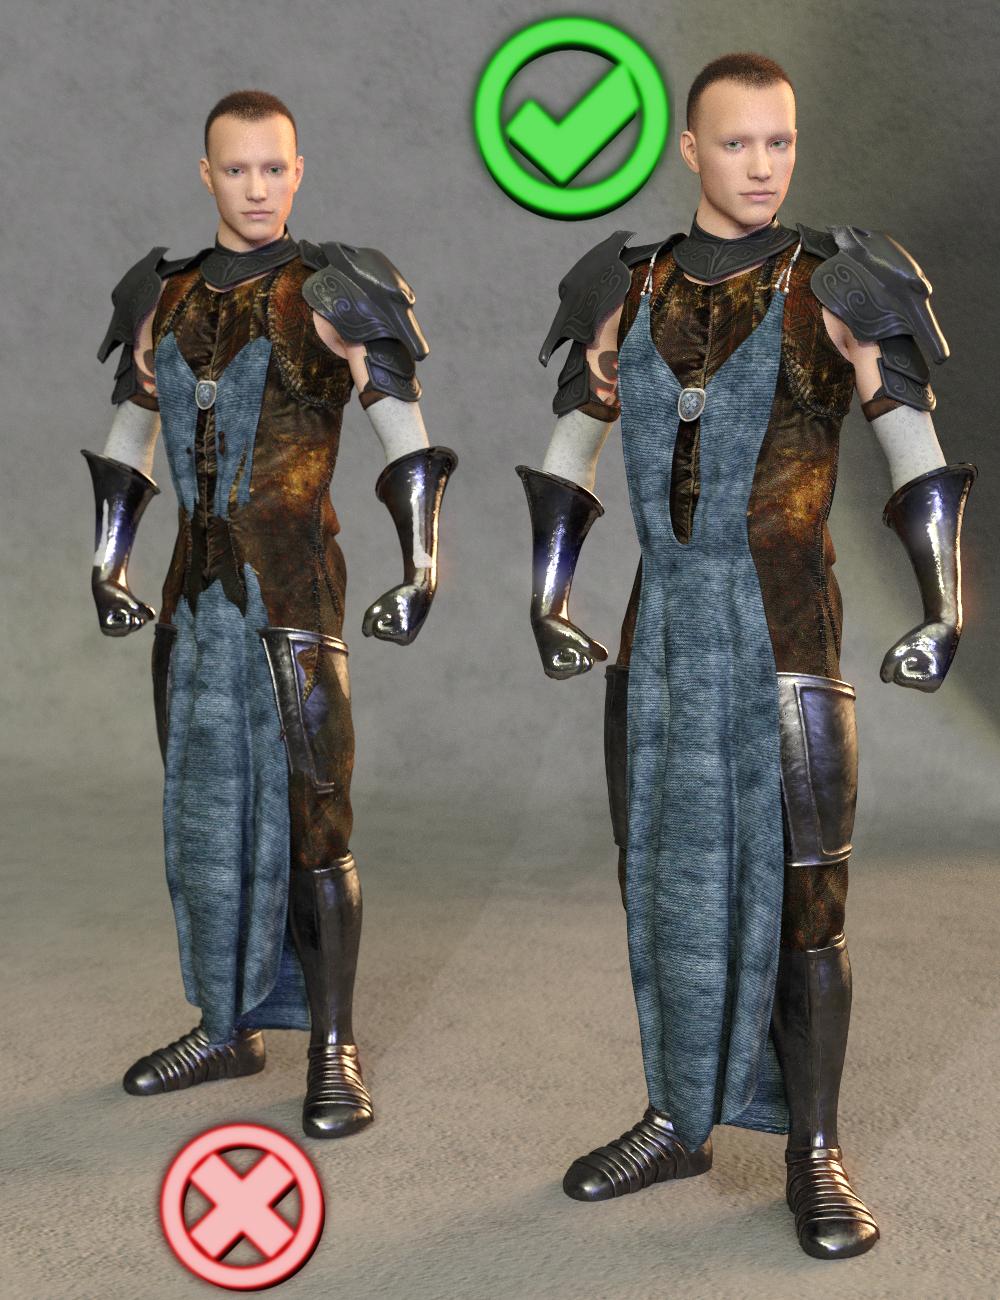 SY Clothing Fit Helper Genesis 8 Male by: Sickleyield, 3D Models by Daz 3D